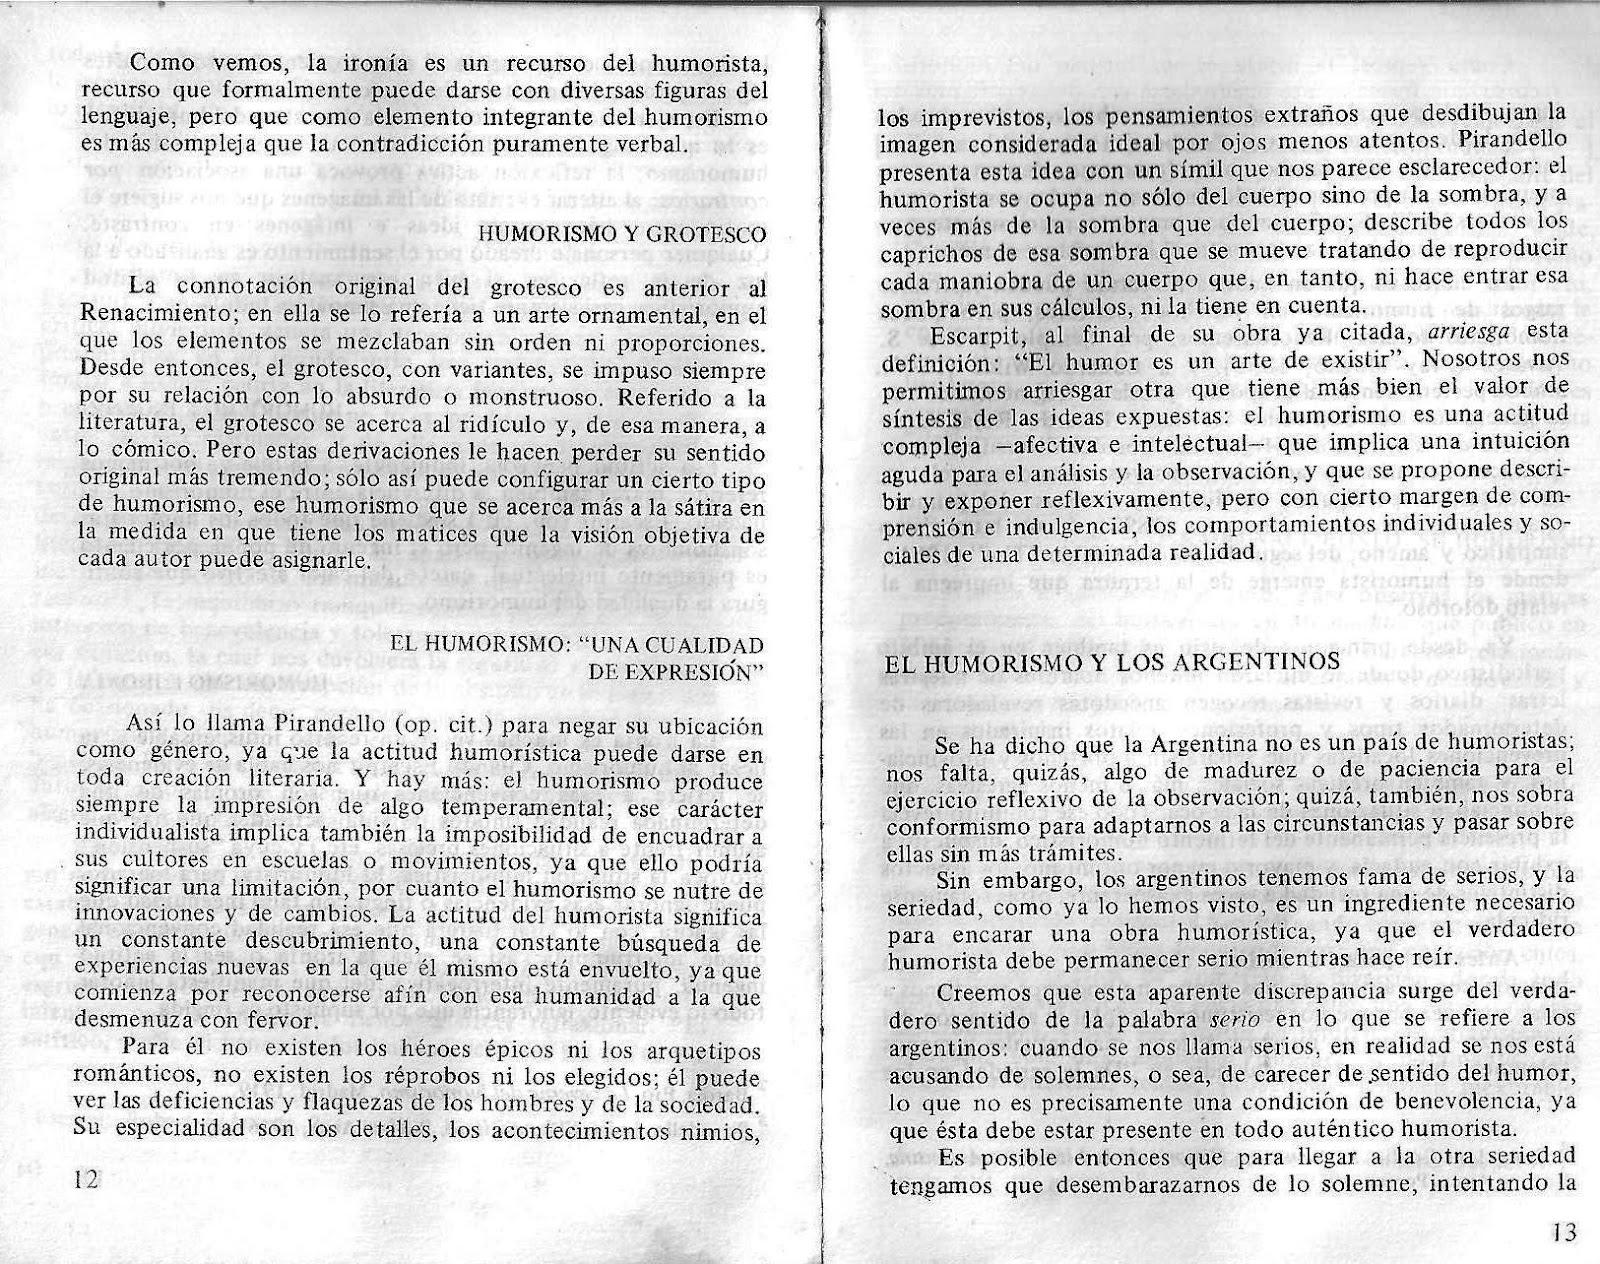 EL HUMOR. CHAMICO | LITERATURA 6